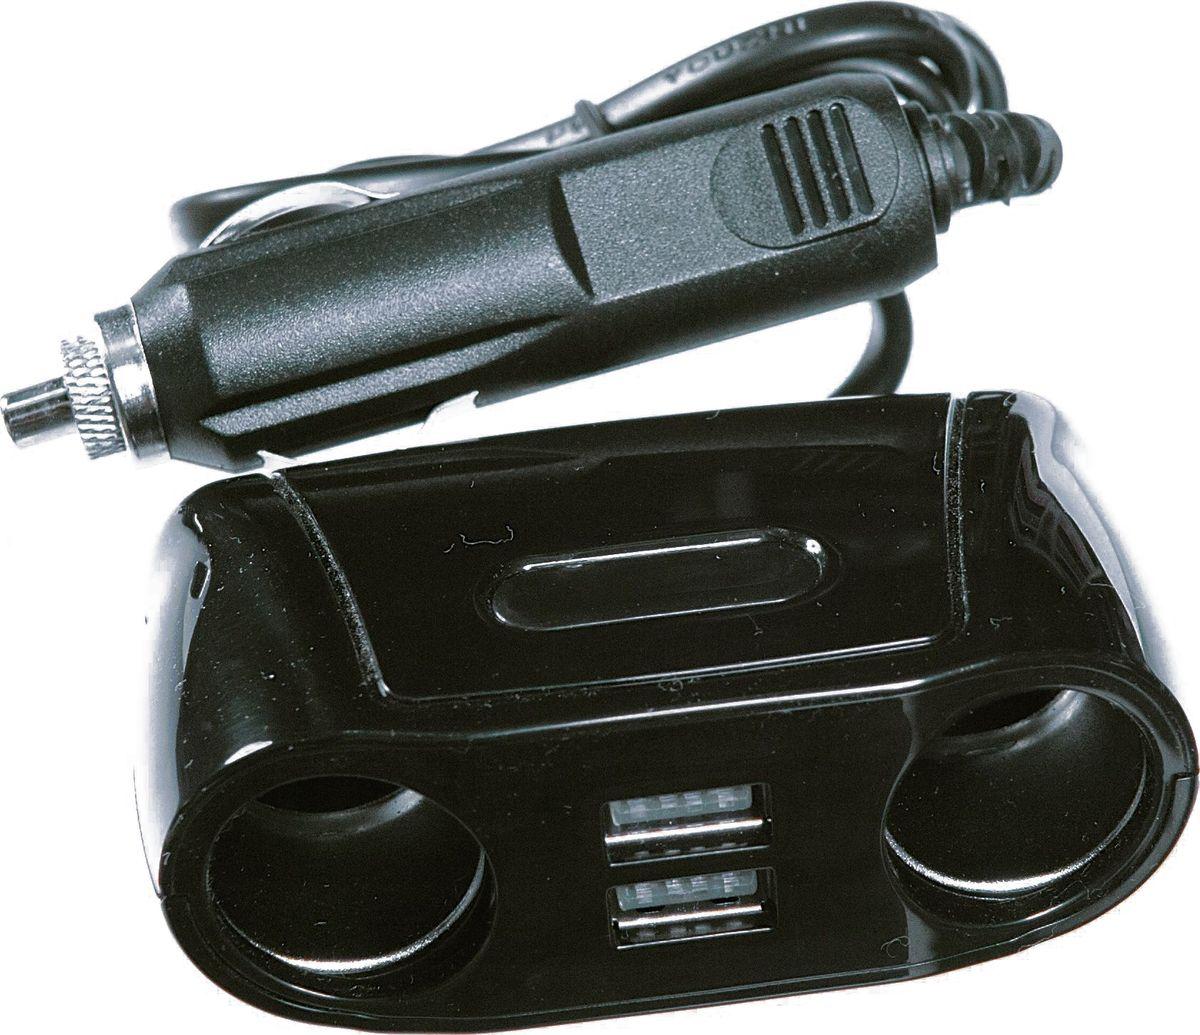 Разветвитель прикуривателя AM, 80 Вт, 2,1A, 2 выхода + 2USB, длина шнура 73 см, цвет: черныйВетерок 2ГФВыход: 5 В, 2.1 А, 80 Вт. Шнур питания 73 см. Предохранитель в штекере. Термостойкий пластик. 2 выхода+2USB